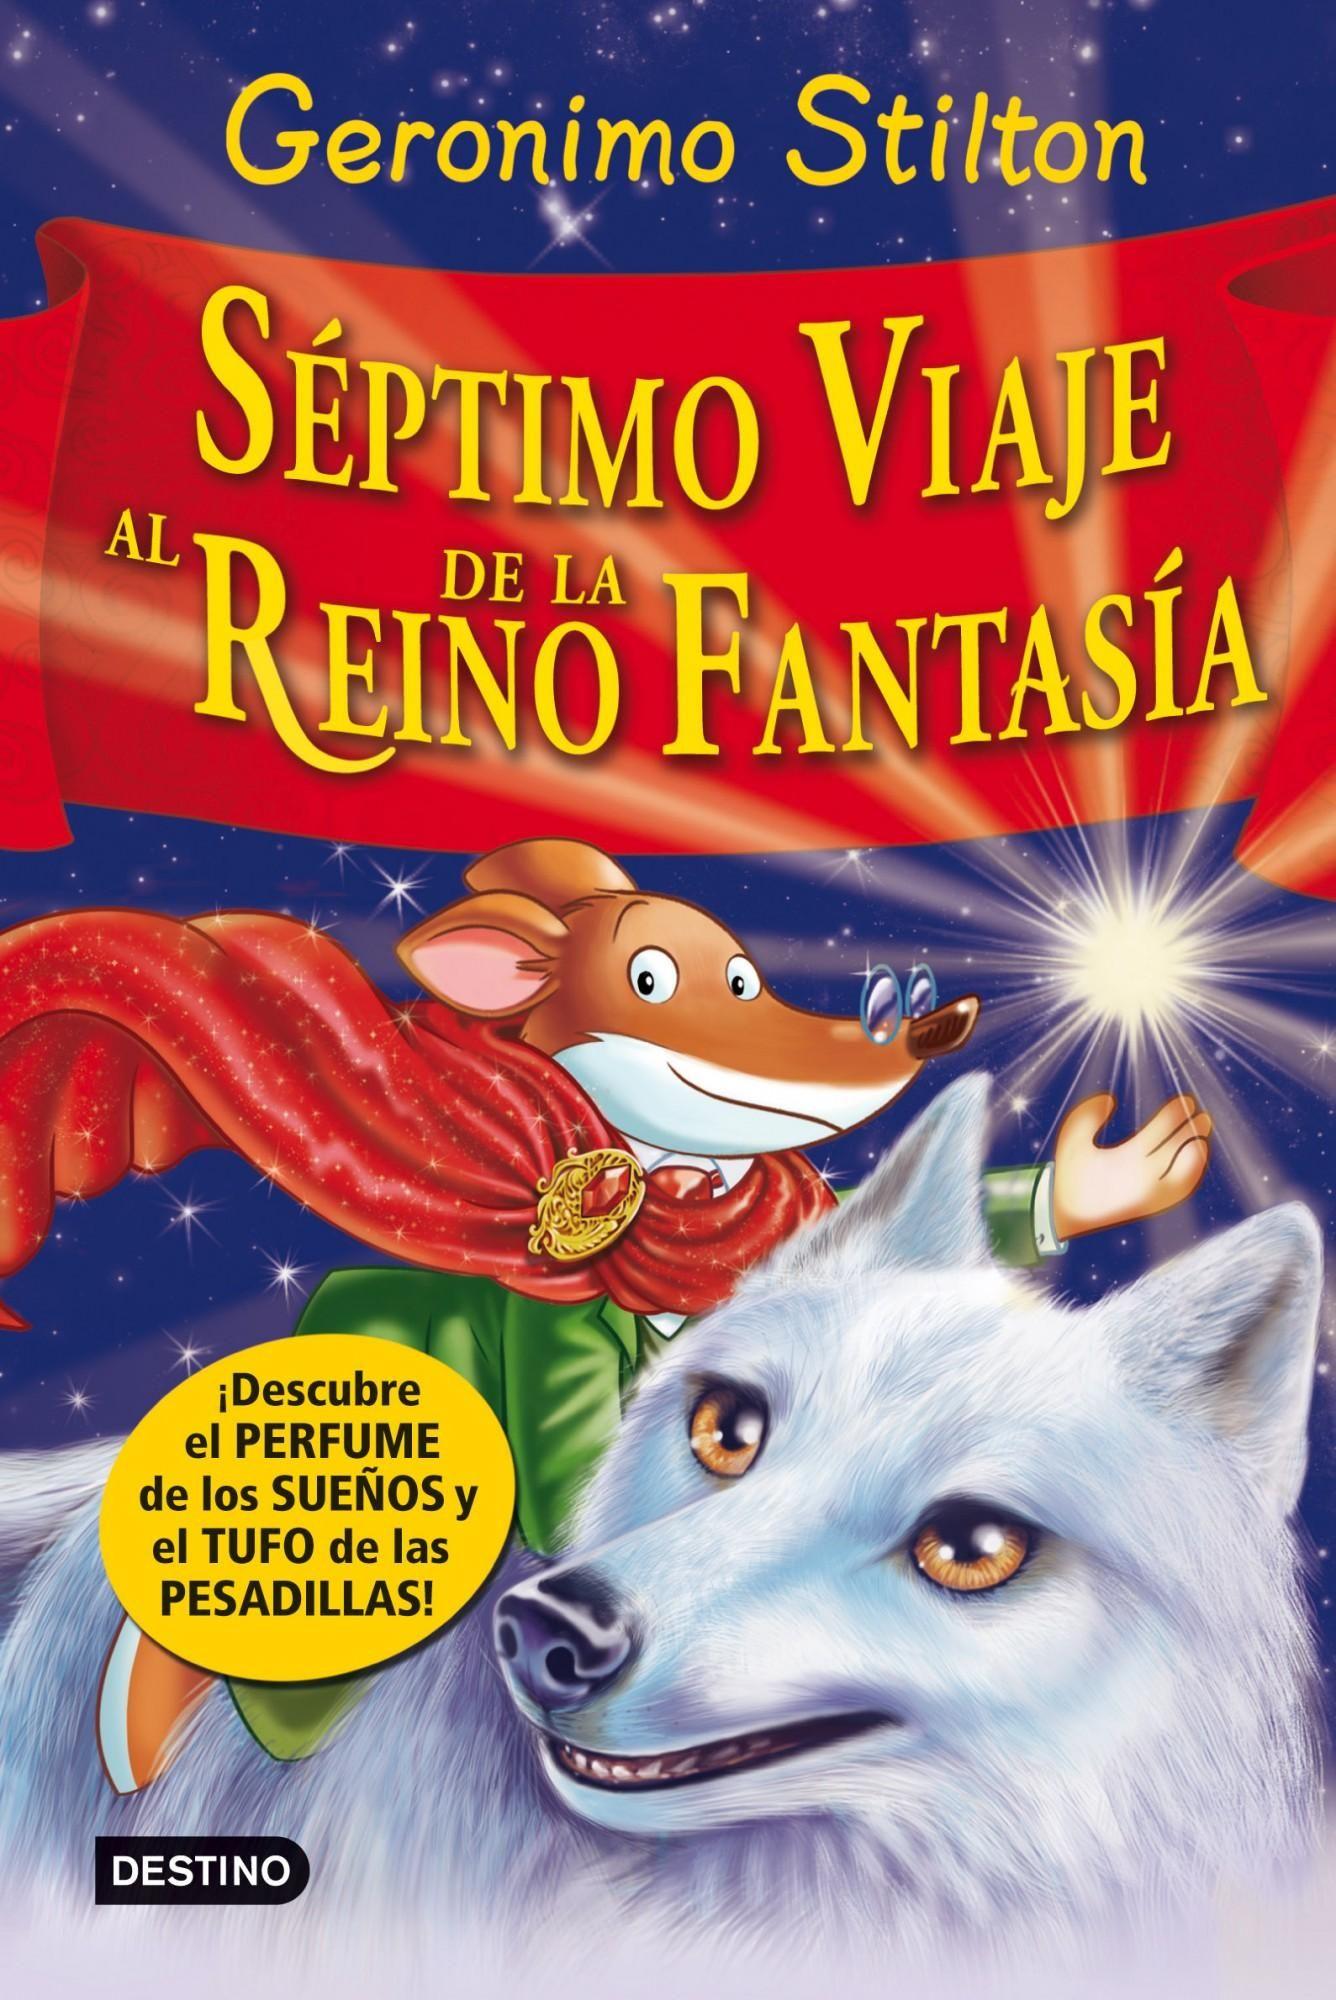 Séptimo viaje al Reino de la Fantasía. Geronimo Stilton. Destino, 2014